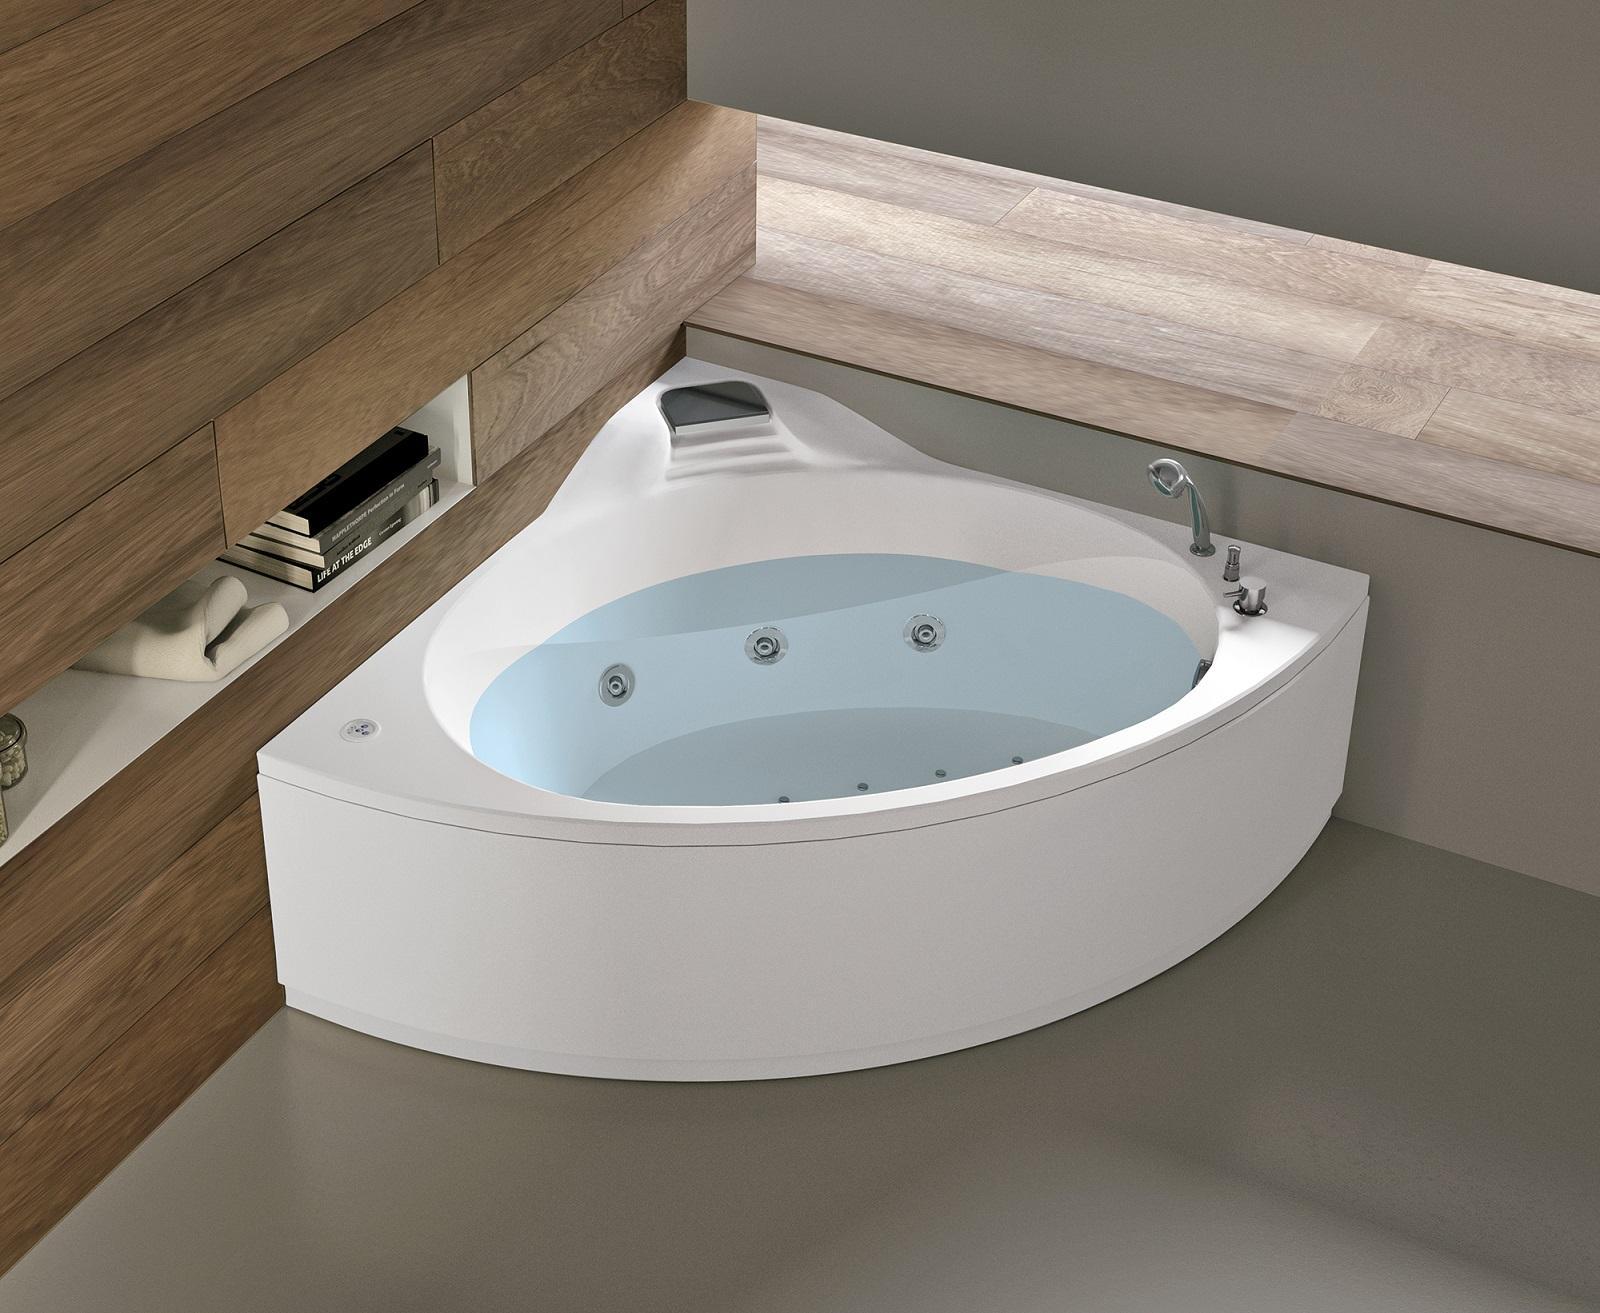 Vasca Da Bagno Con Sedile Integrato.Vasche Angolari Con Foto Misure E Prezzi Cose Di Casa